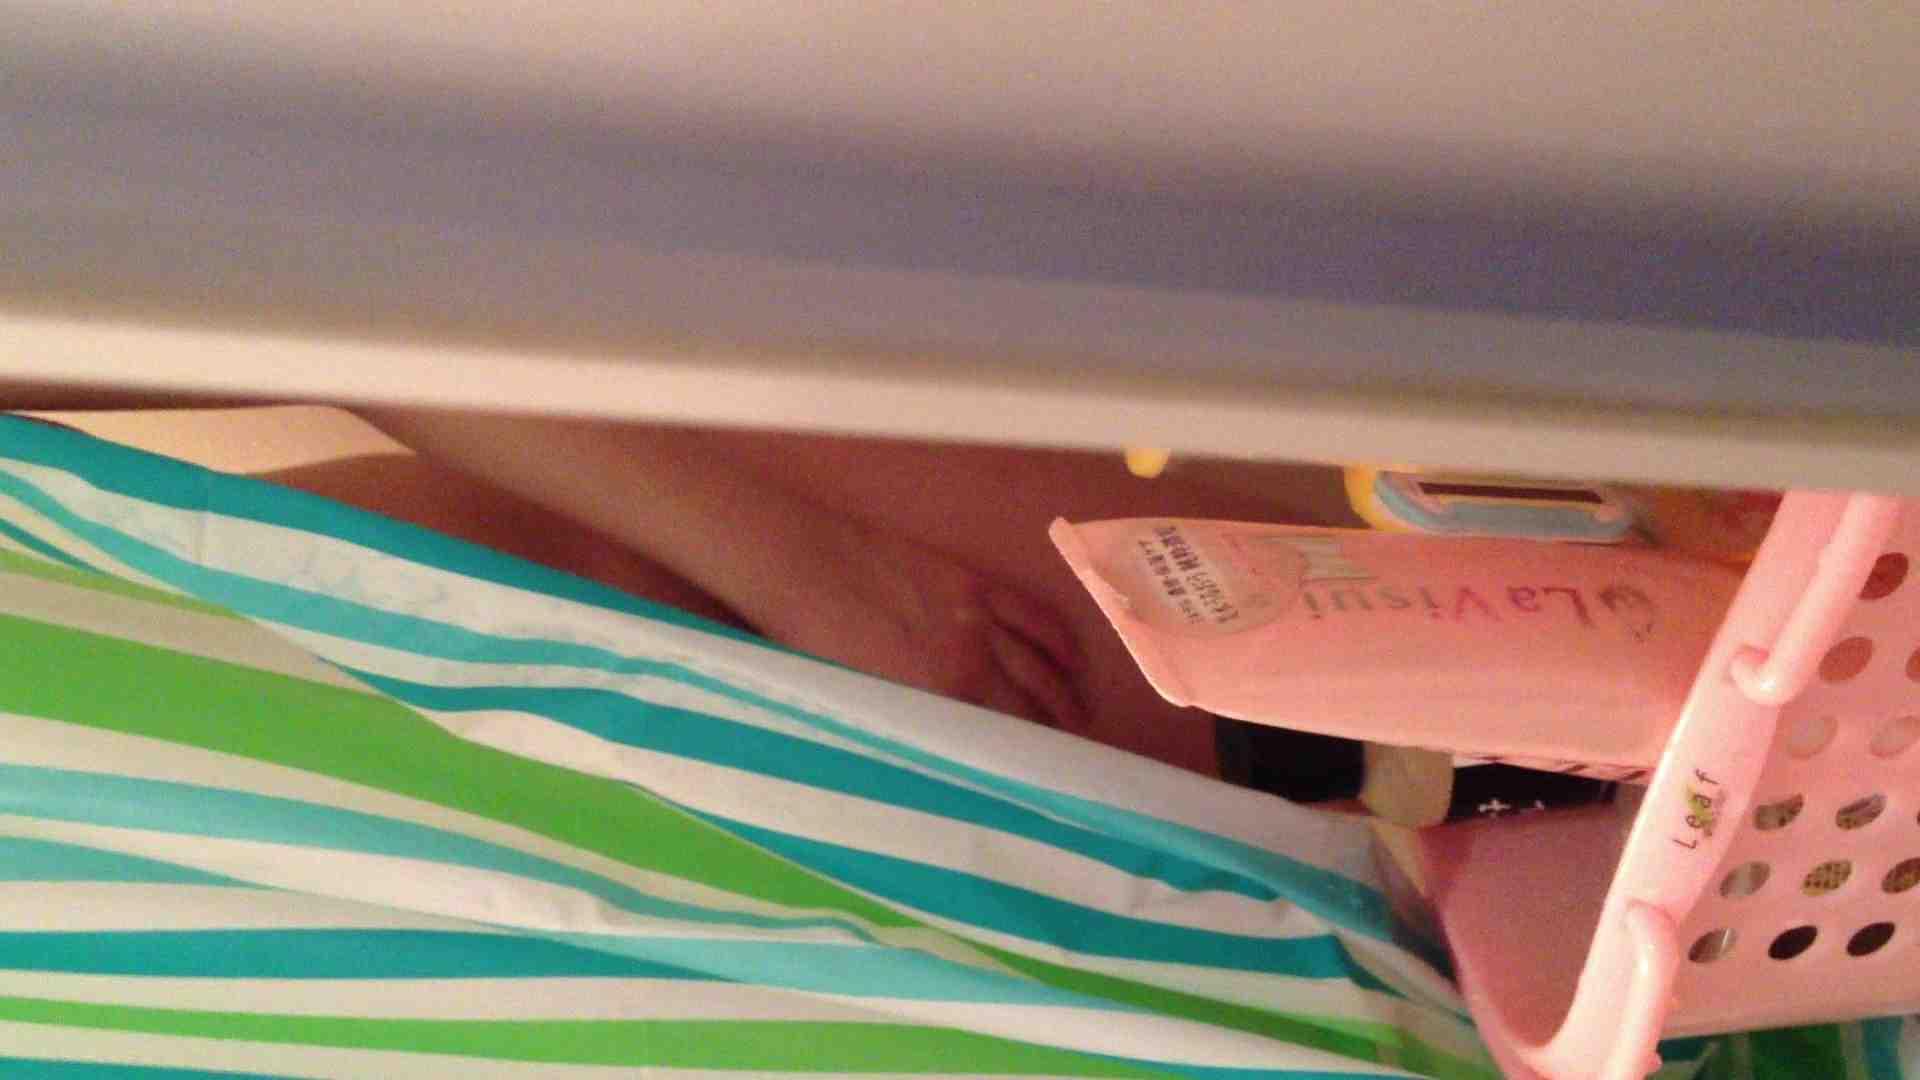 無修正おまんこ動画|16(16日目)シャワー中にムダ毛処理をする彼女|大奥